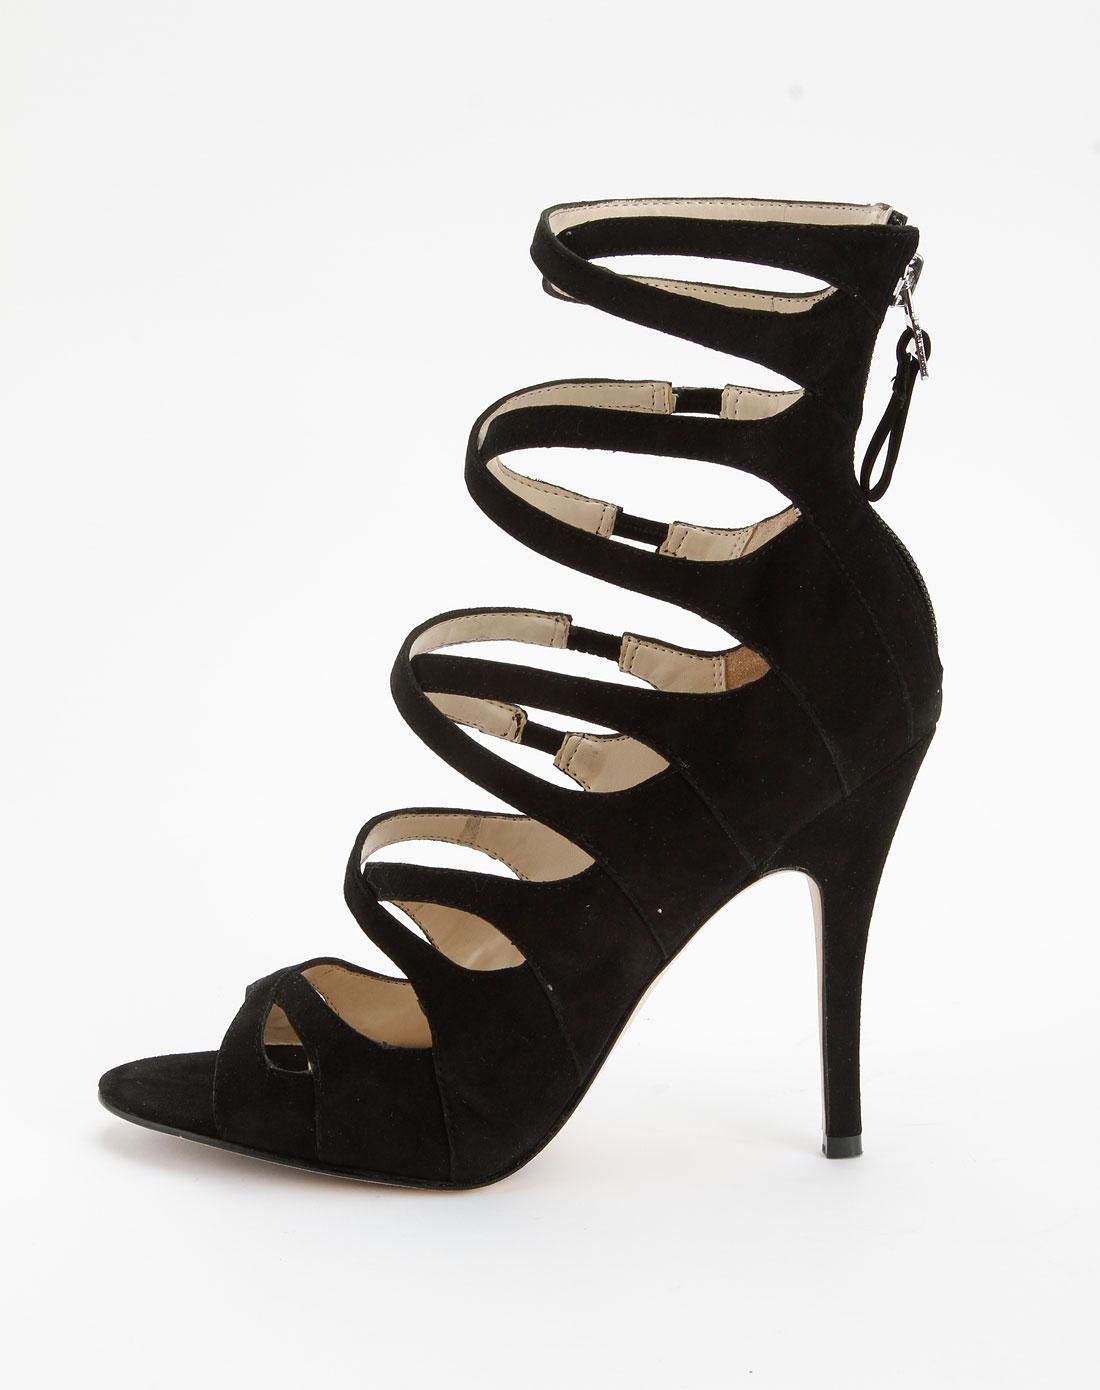 黑色个性时尚高跟鞋